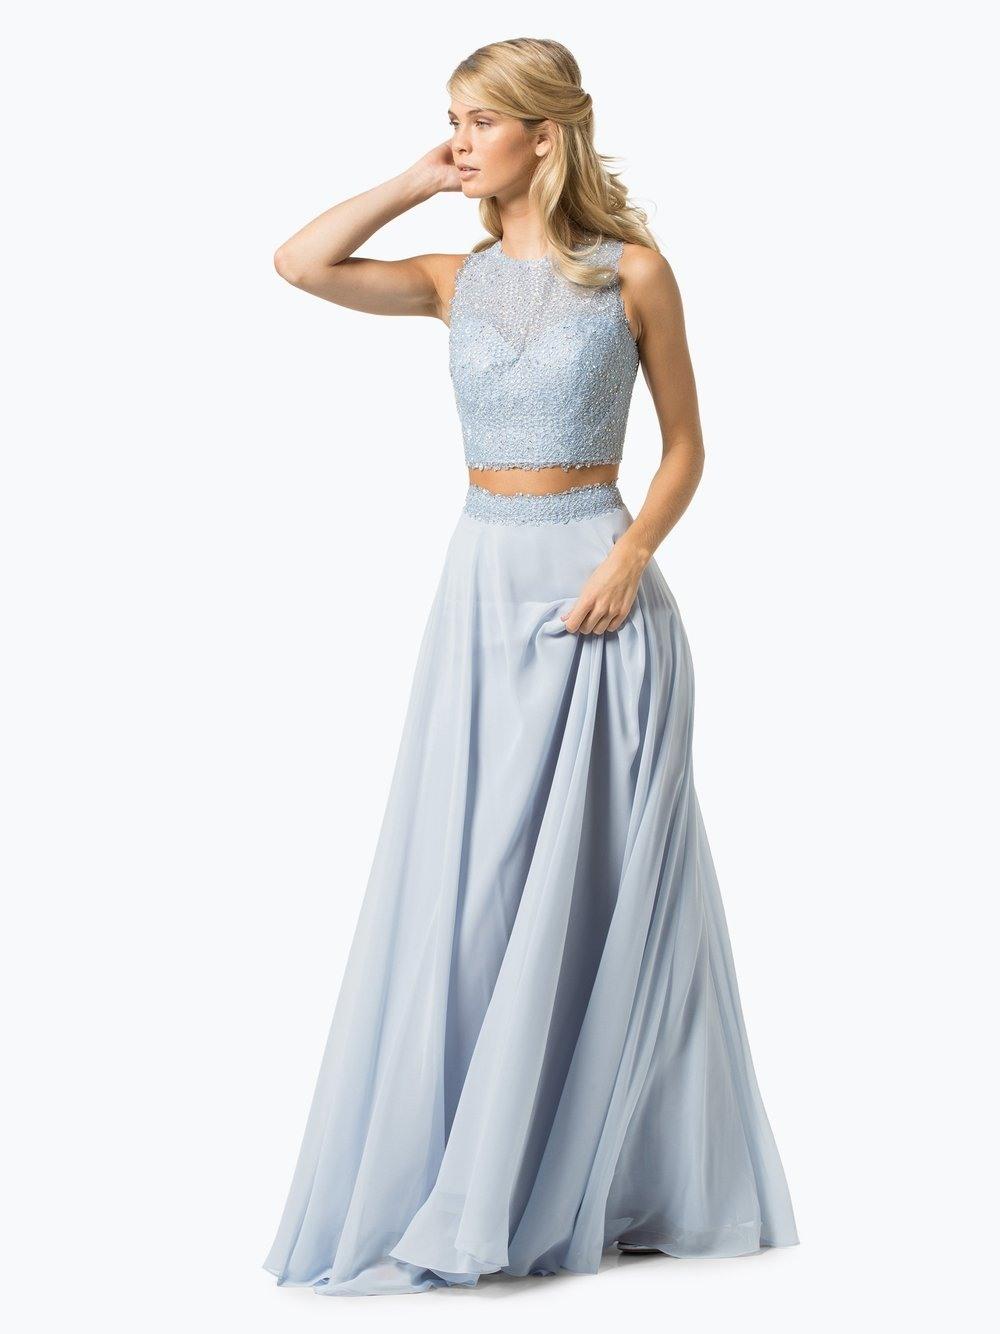 17 Genial Abendkleid Bauchfrei für 2019Abend Ausgezeichnet Abendkleid Bauchfrei Ärmel